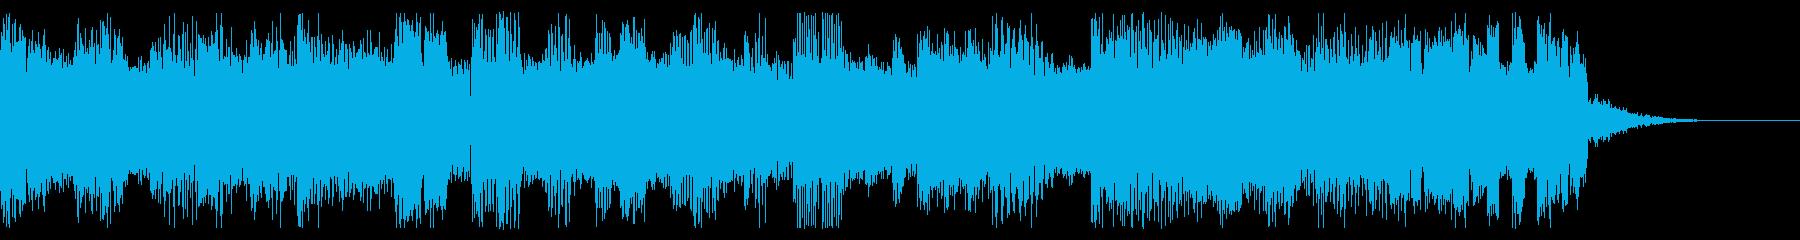 ファミコン風 ポップなジングルの再生済みの波形